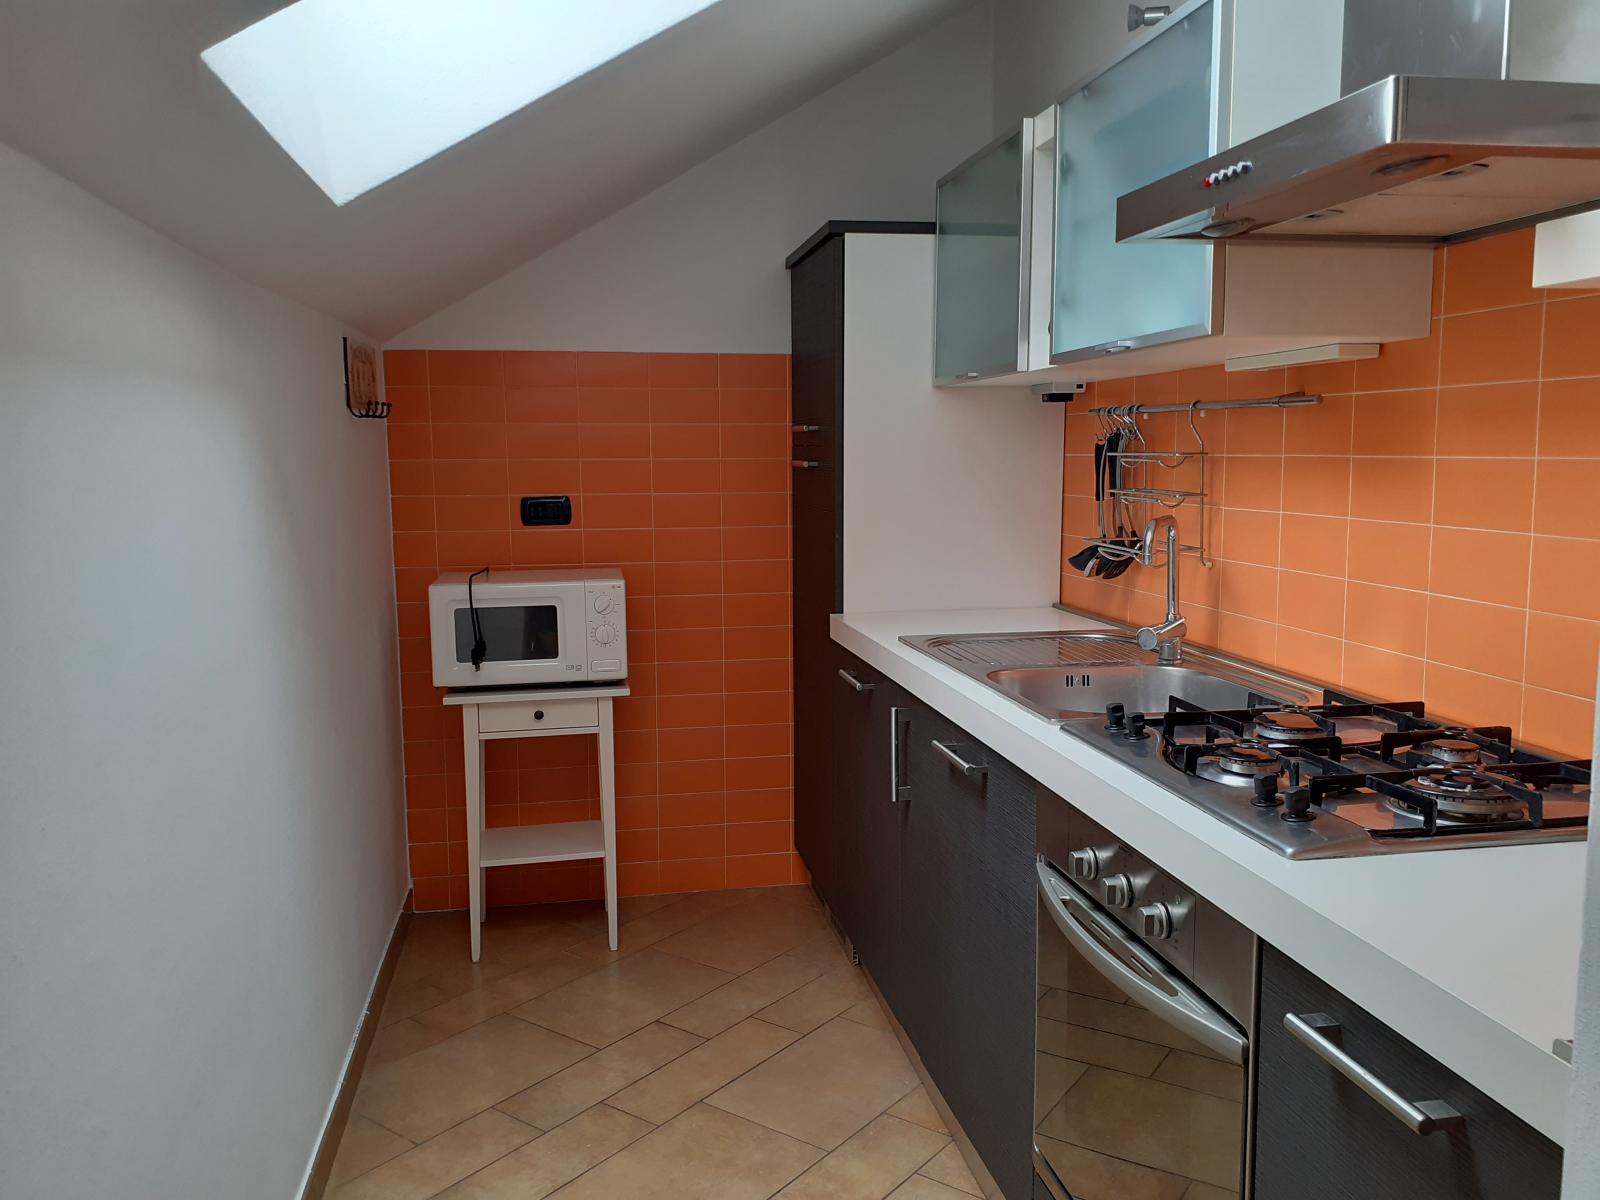 appartamento-in-vendita-bareggio-2-locali-bilocale-spaziourbano-immobiliare-vende-10